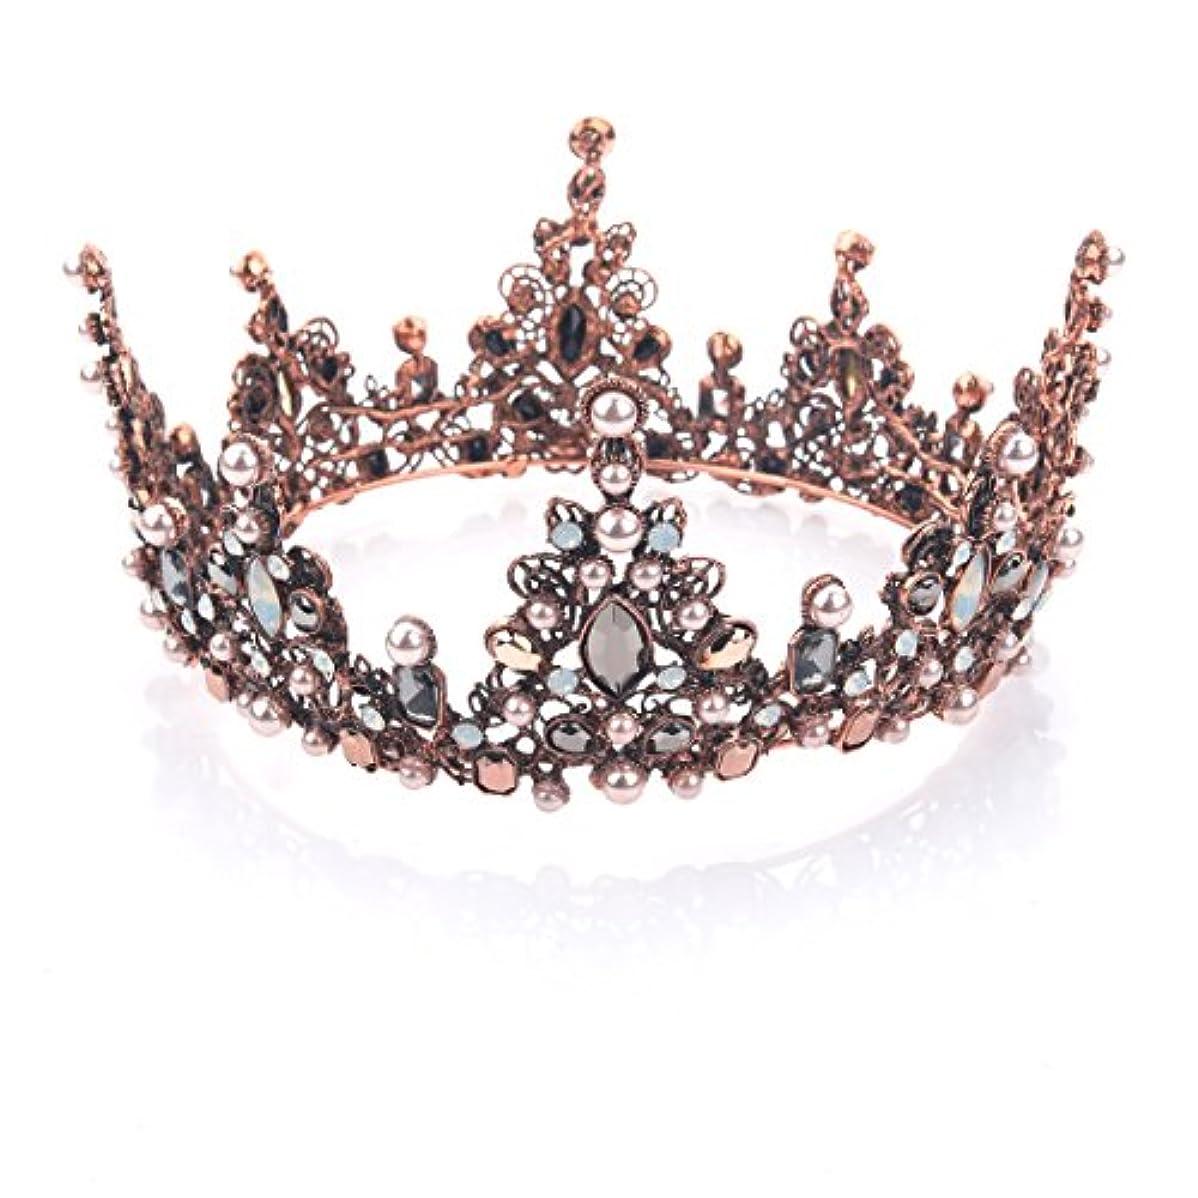 資源クランプ細部Yeanティアラ 王冠 おうかん クラウン ヘアアクセサリー ゴールド レディース ガールズ 女性 プリンセス 結婚式 ウェディング 花嫁 披露宴 パーティー (Color-04)